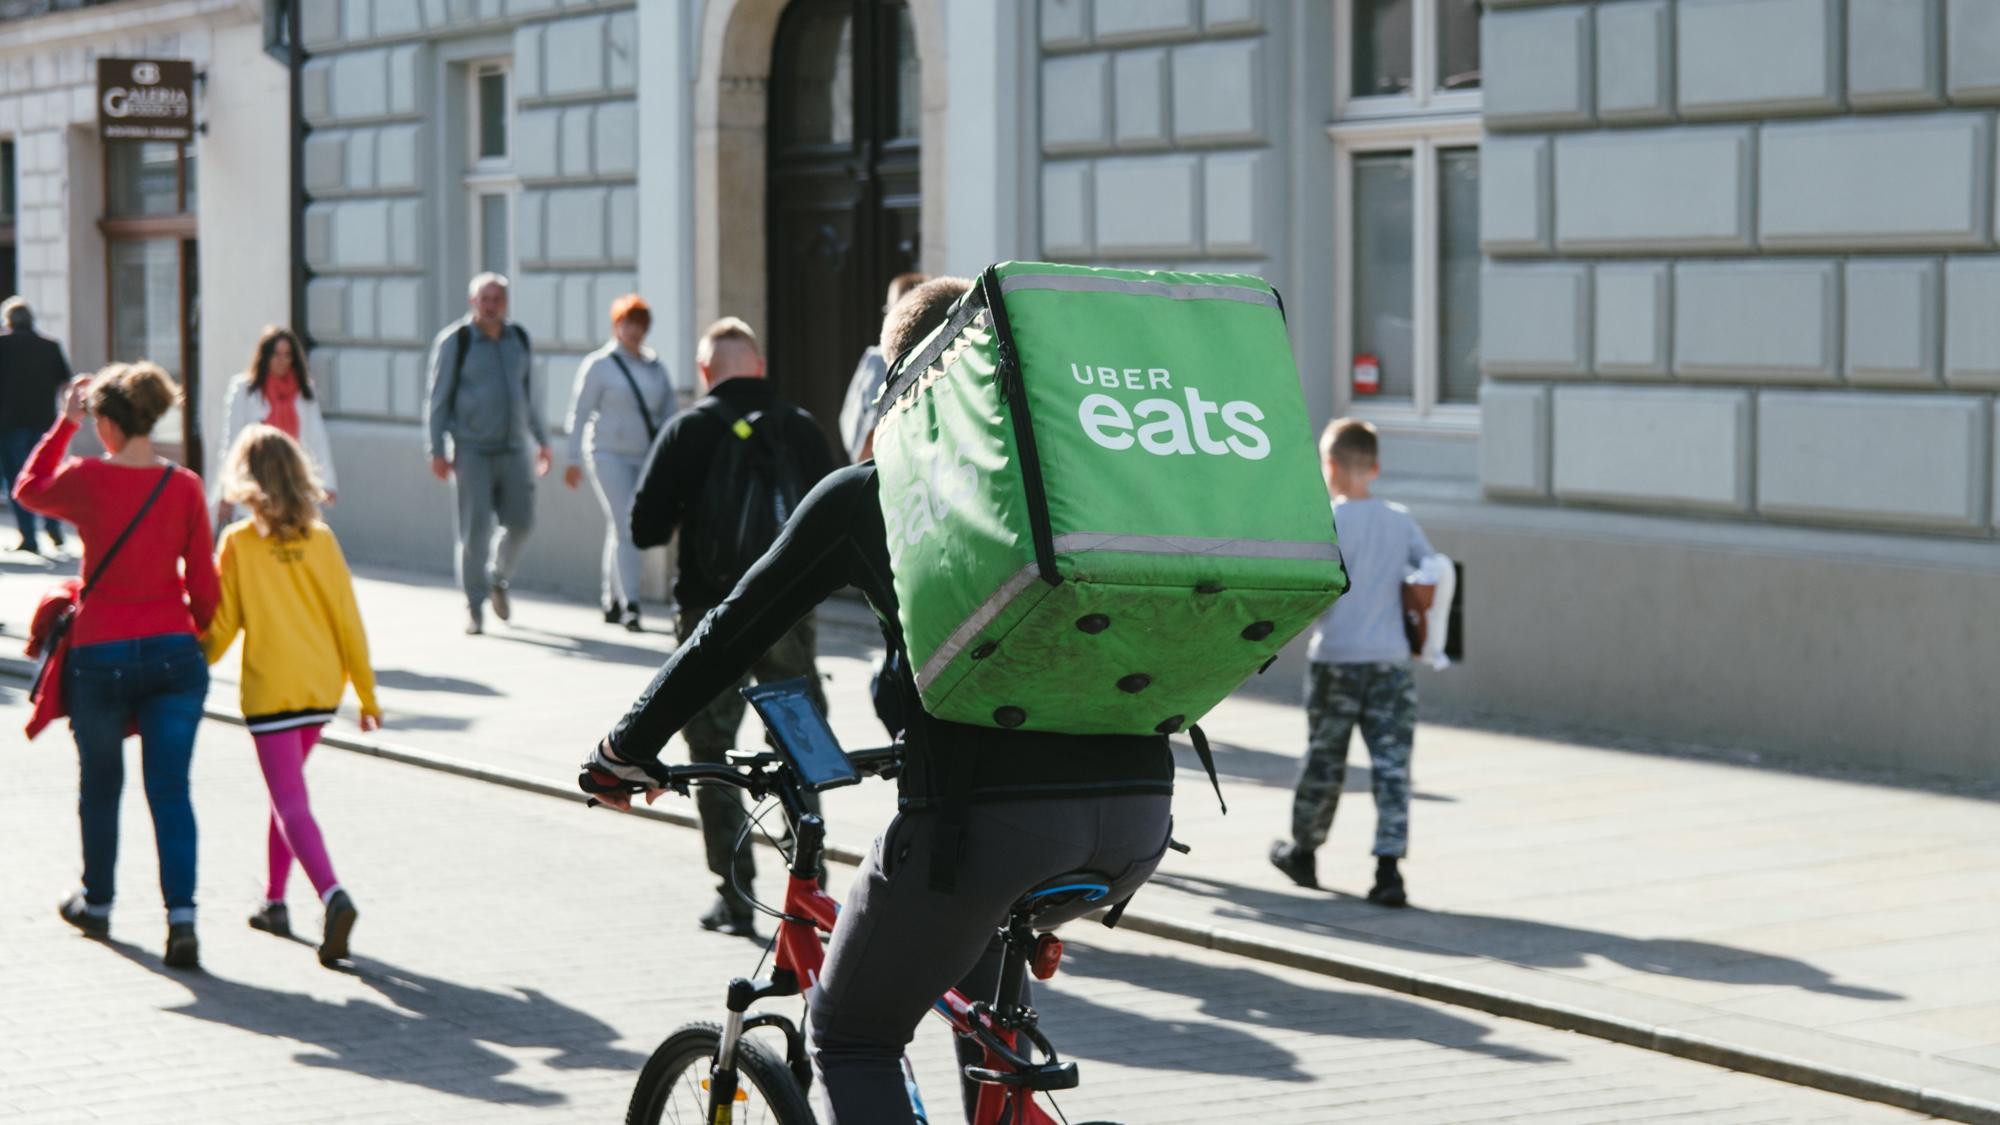 Uber Eats have taken advantage of Project Restart